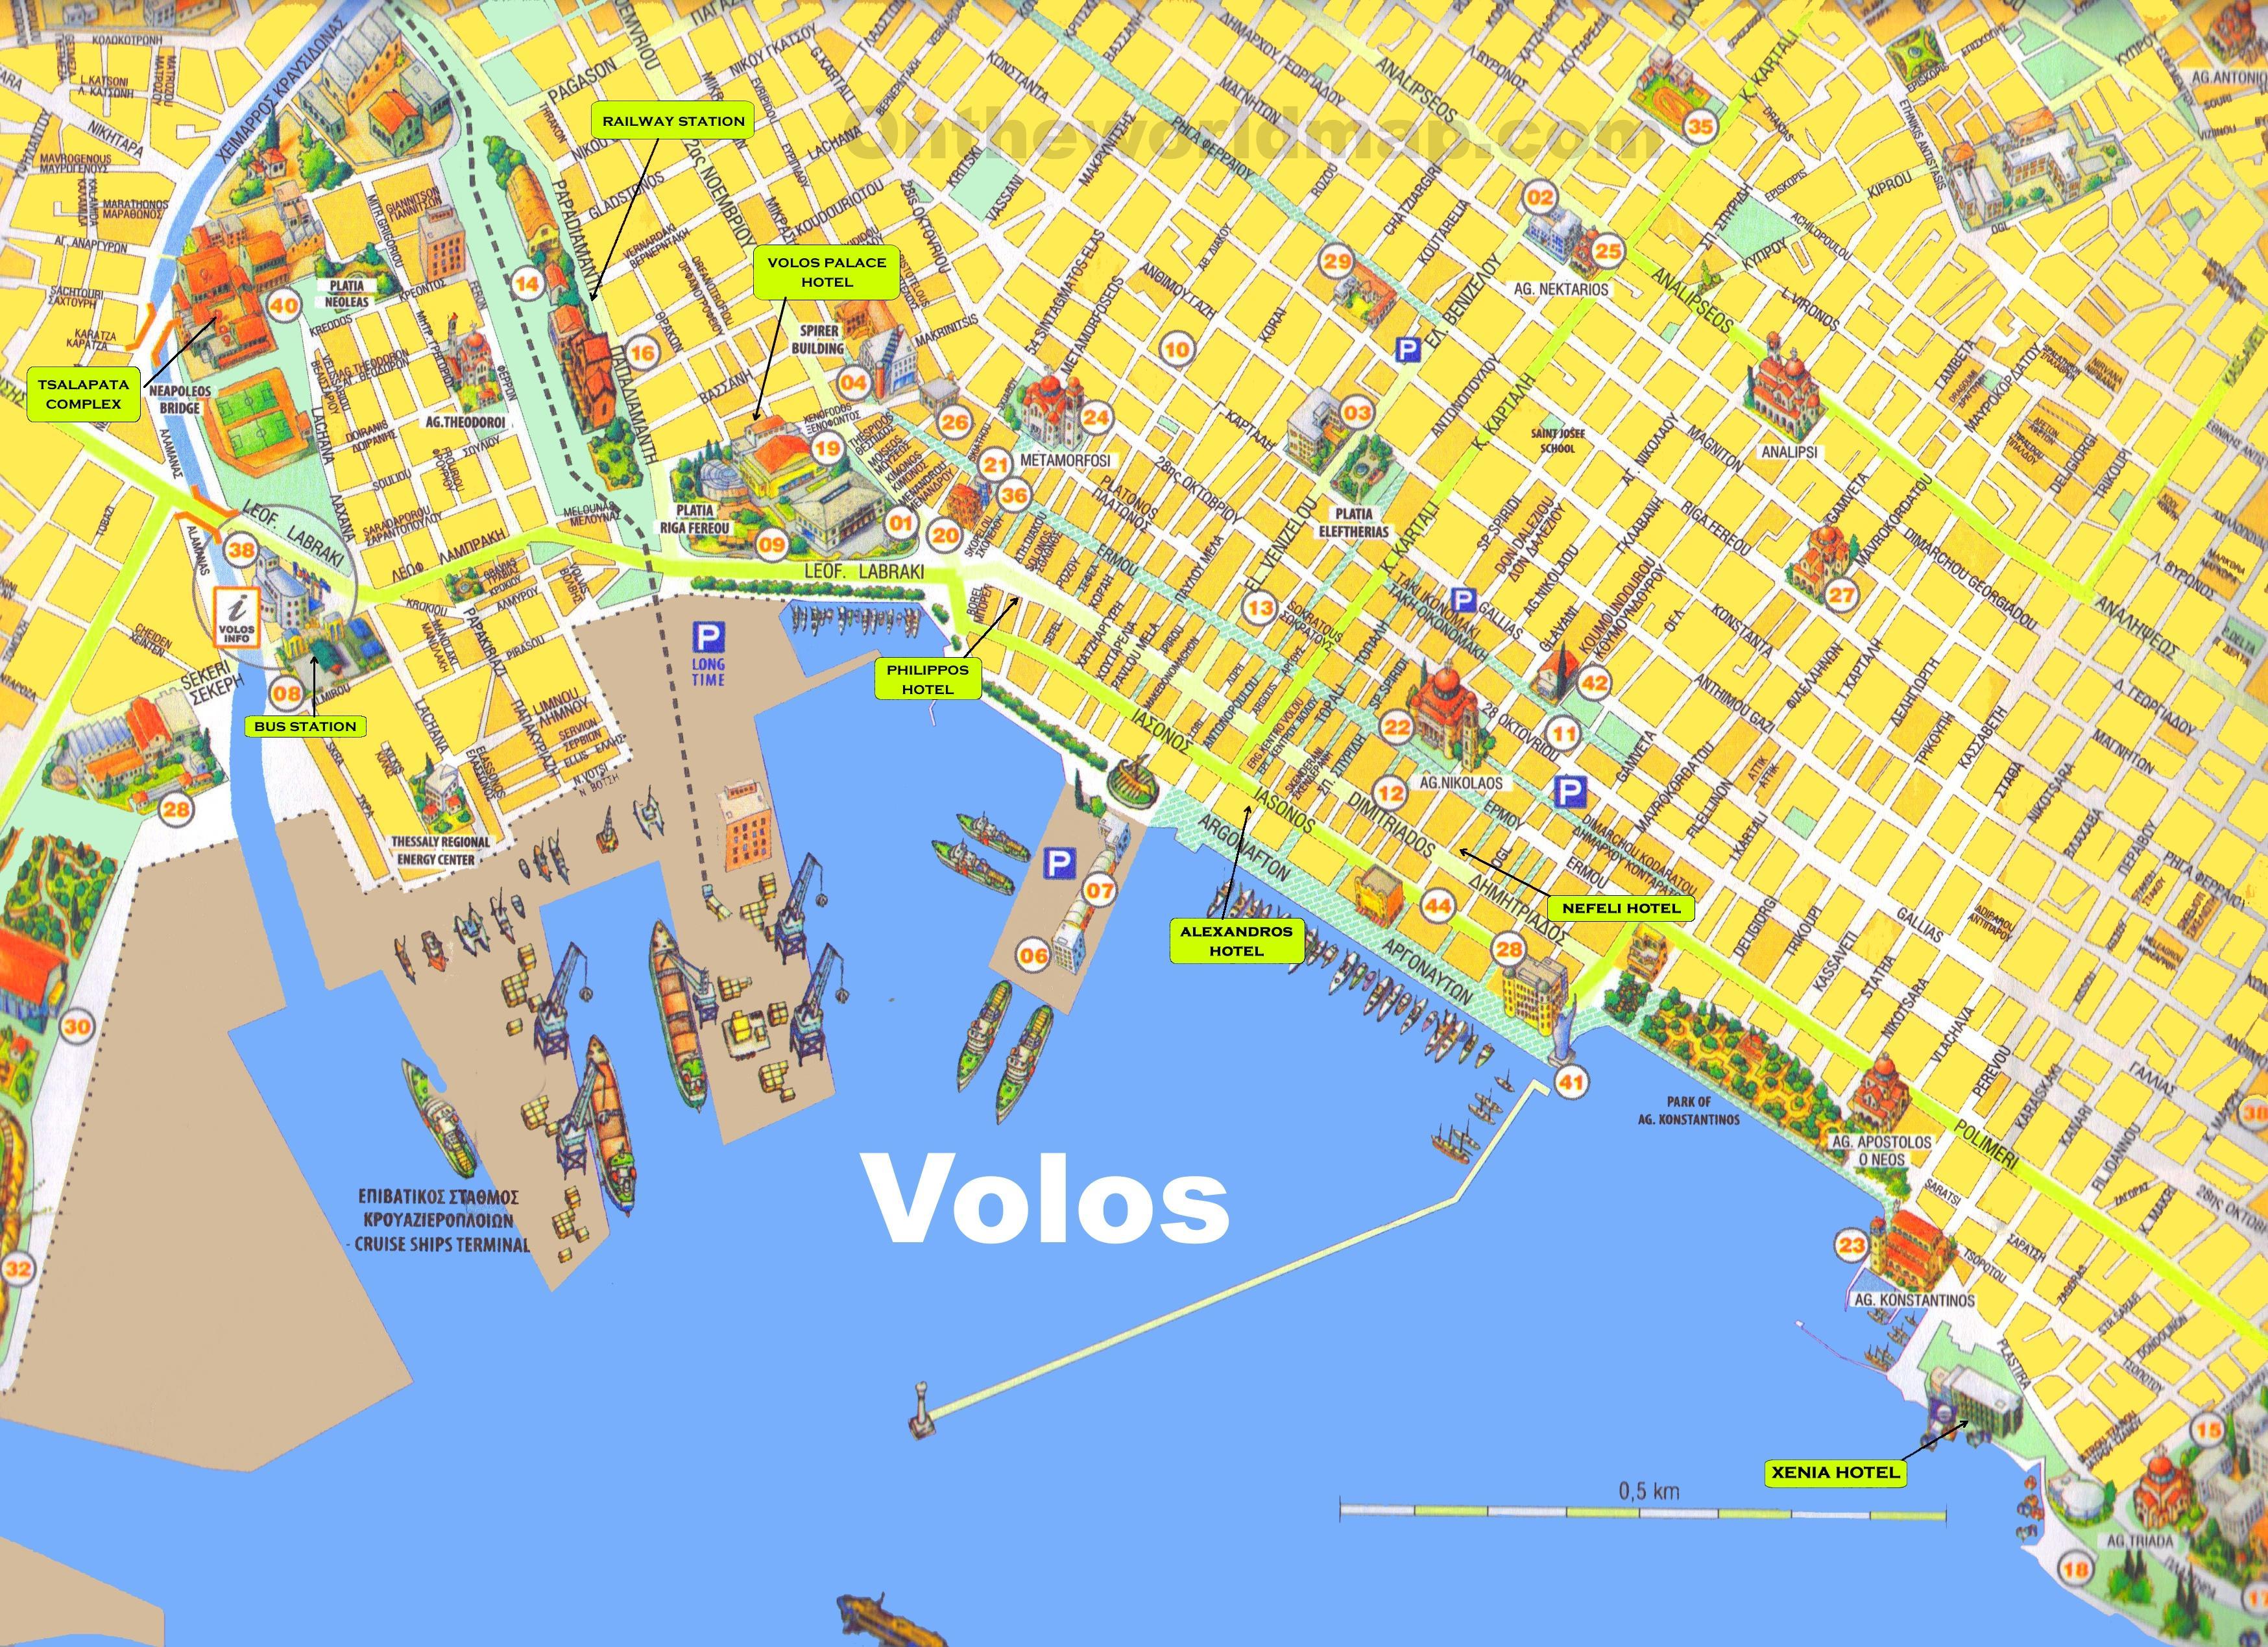 volos grcka mapa Volos Grčka mapu   Mapa Volos Grčka (Južnoj Europi   Evropi) volos grcka mapa